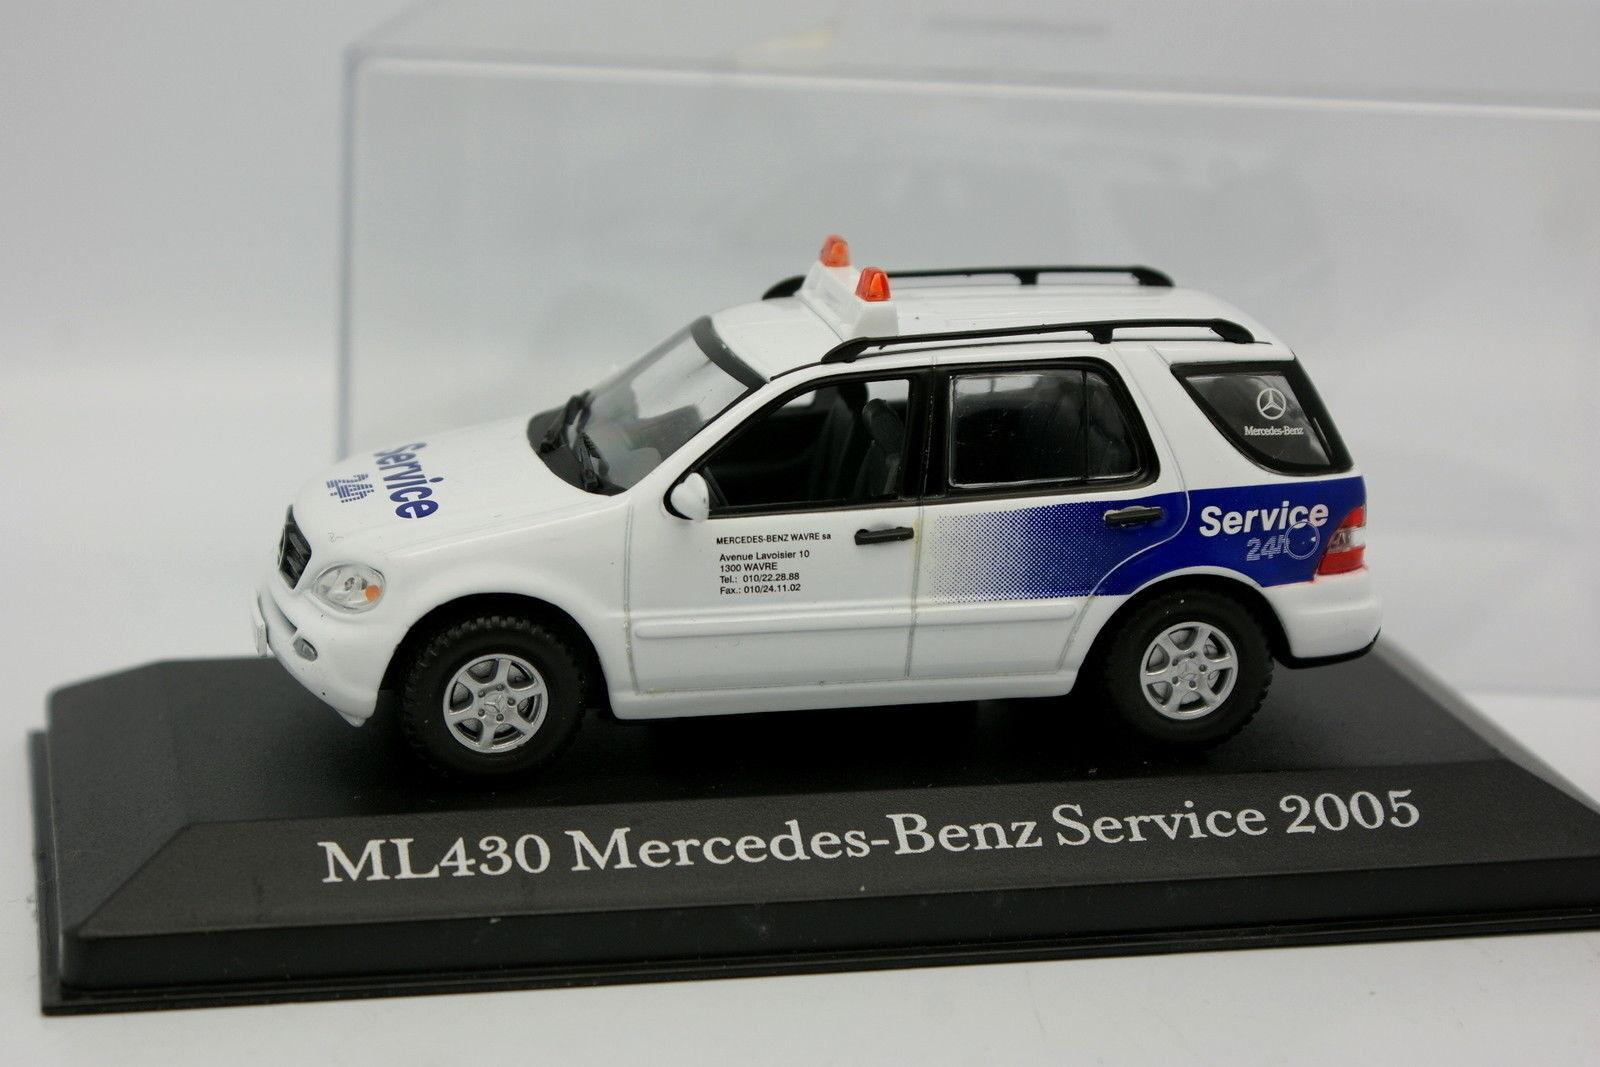 Cararama Schuco 1 43 - Mercedes ML 430 MB Service 24H 2005